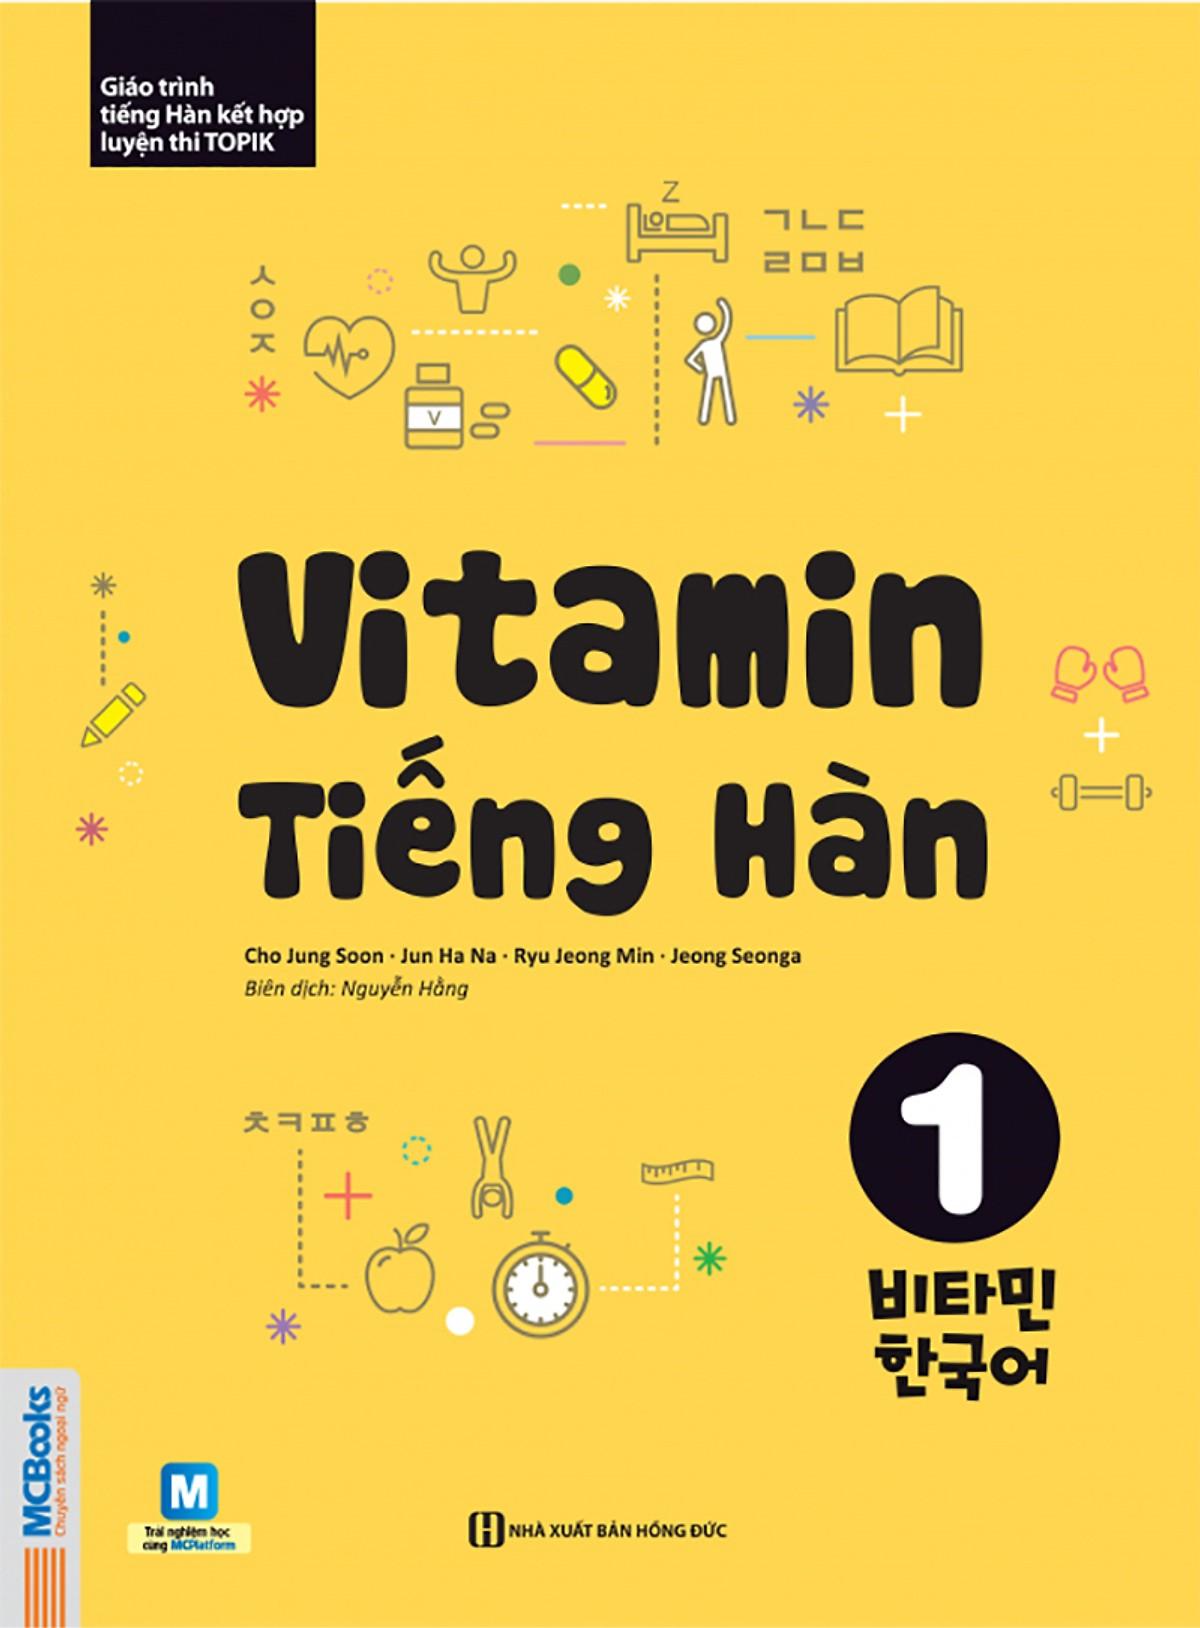 Bộ Sách Vitamin Tiếng Hàn Tập 1 - 2 - 3 (Tặng kèm Kho Audio Books)